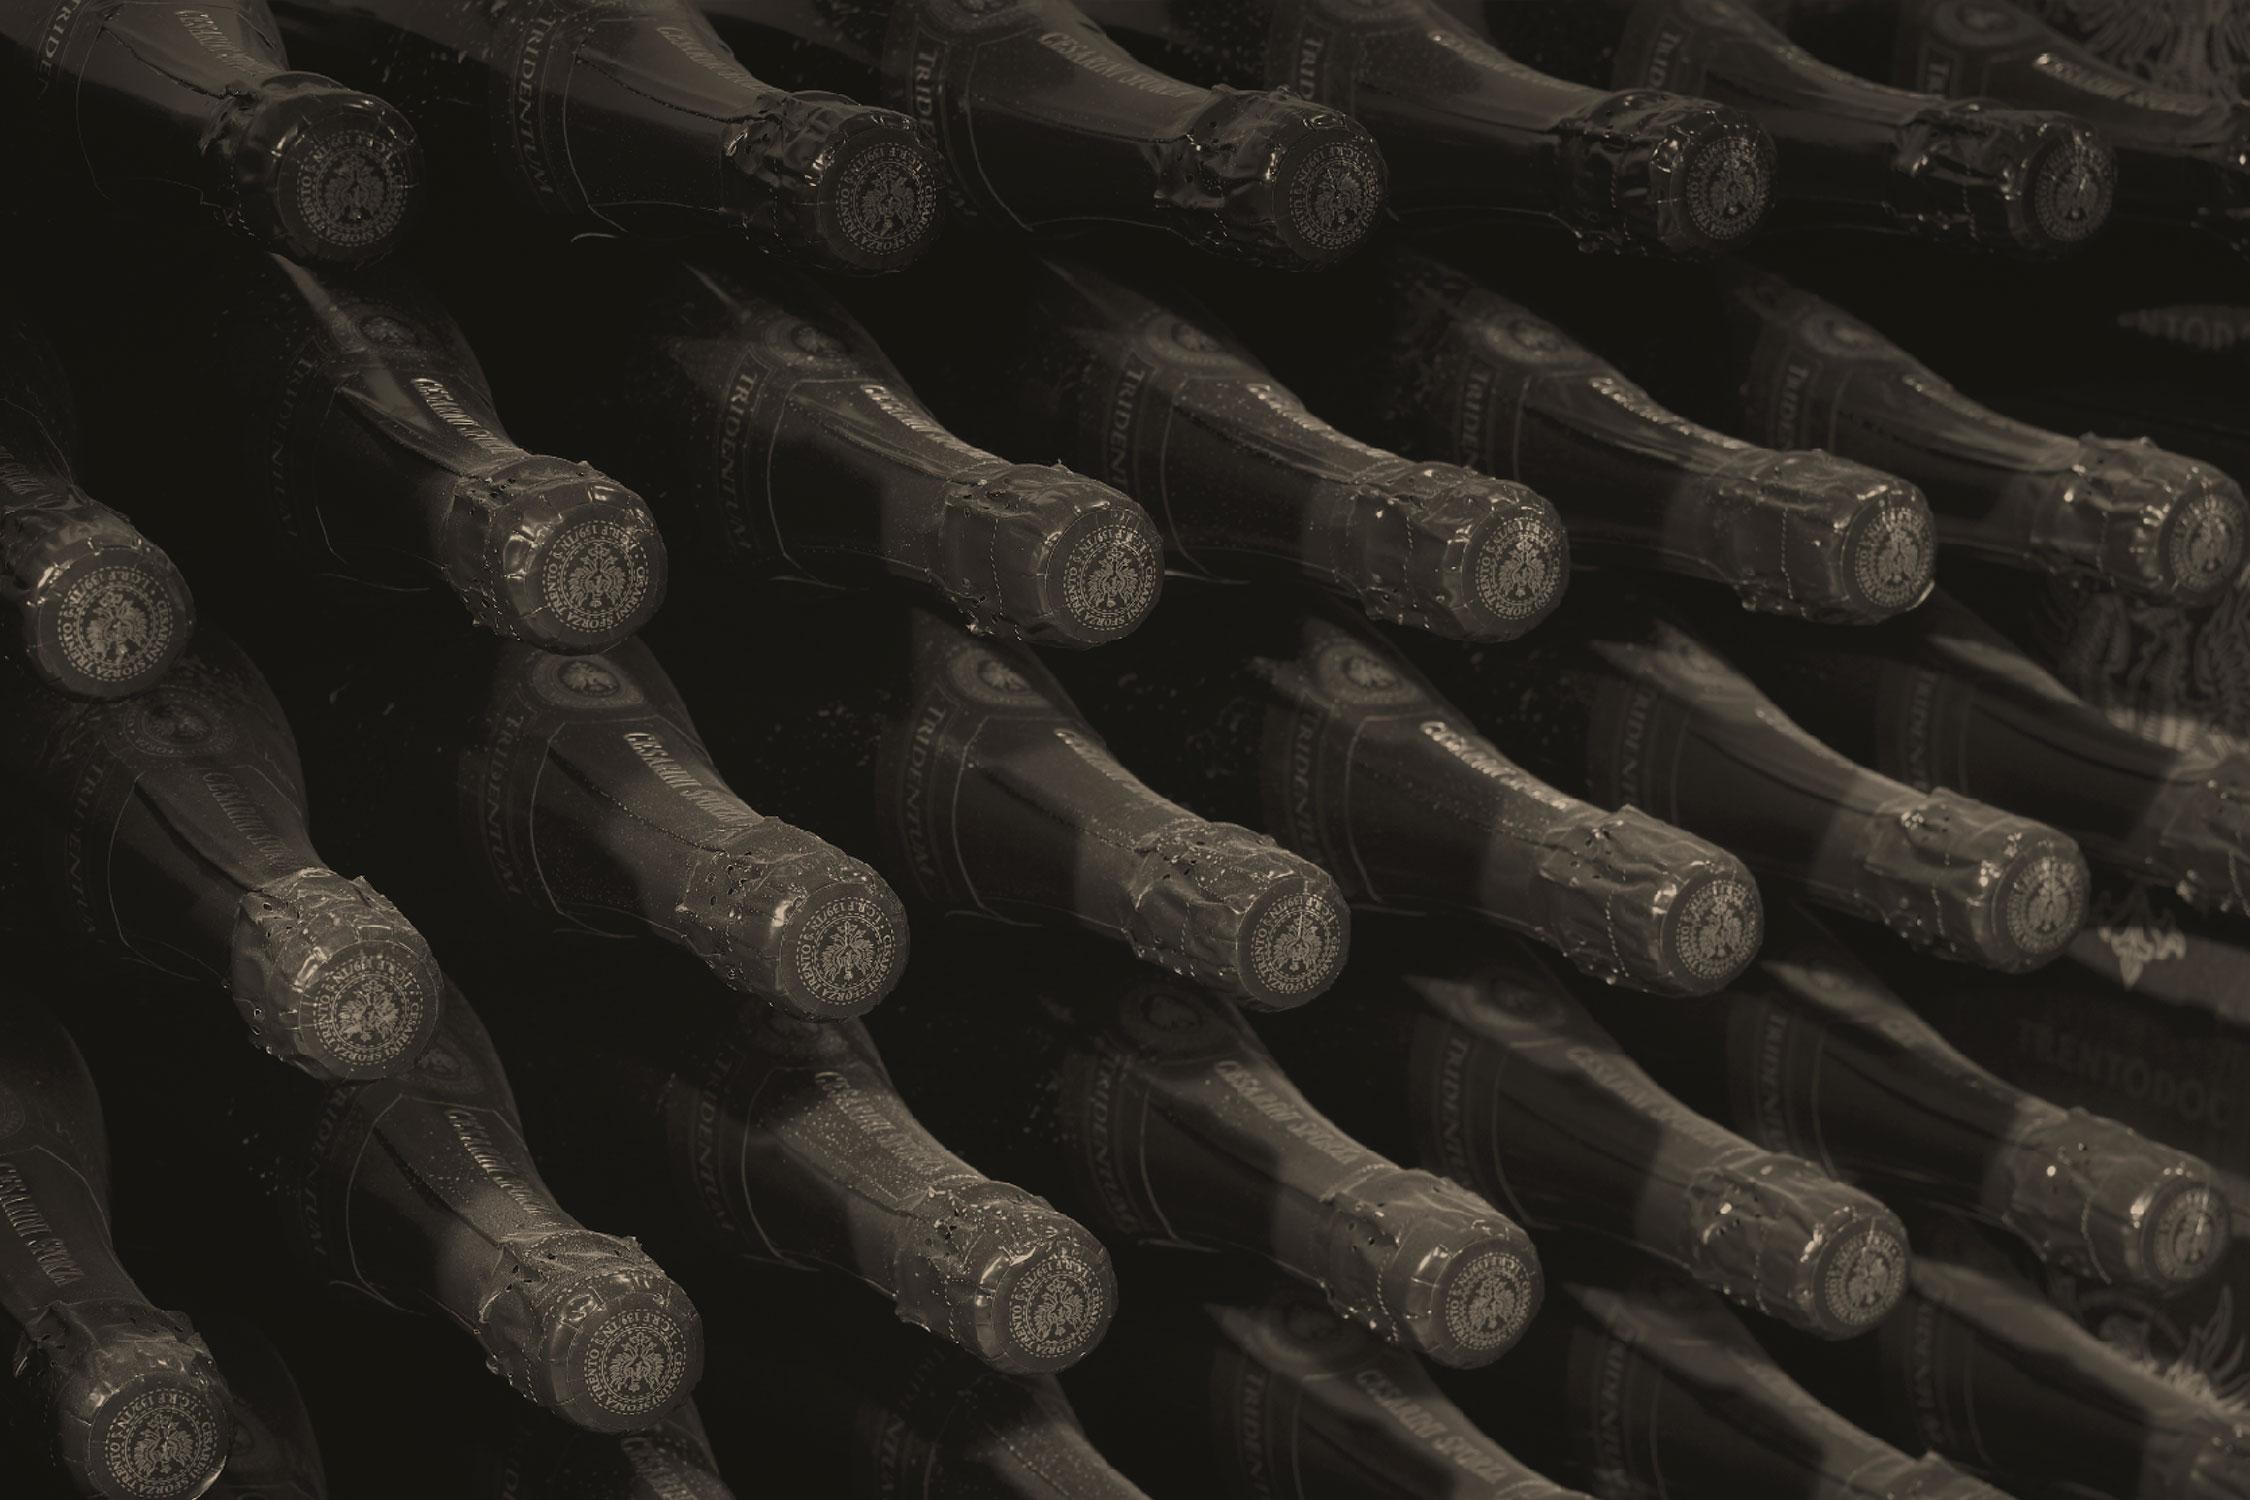 cesarini-sforza-copertina-2250x1500